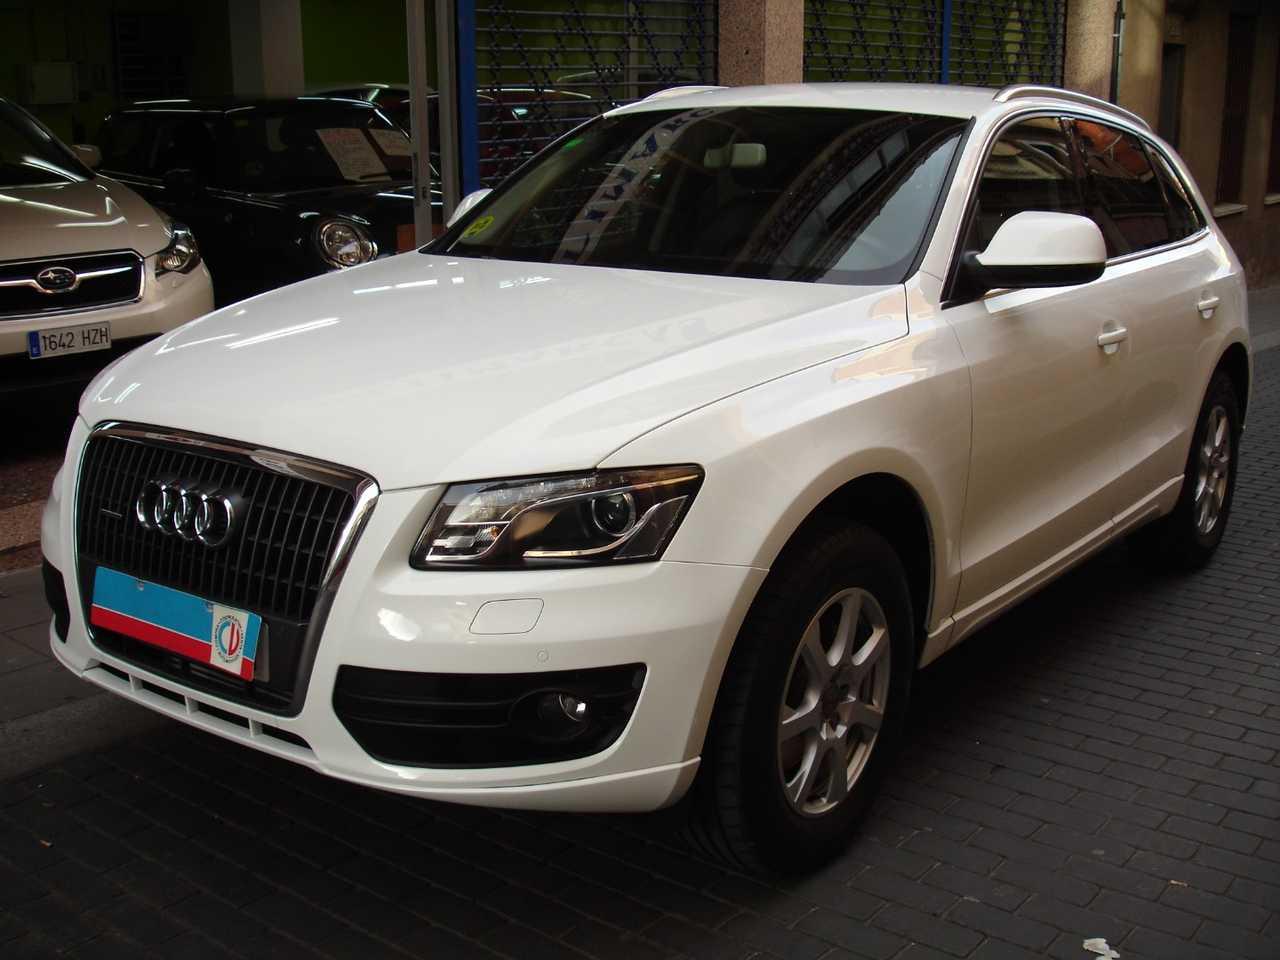 Audi Q5 2.0 TDI  QUATTRO 170CV LIBRO DE REV.   - Foto 1